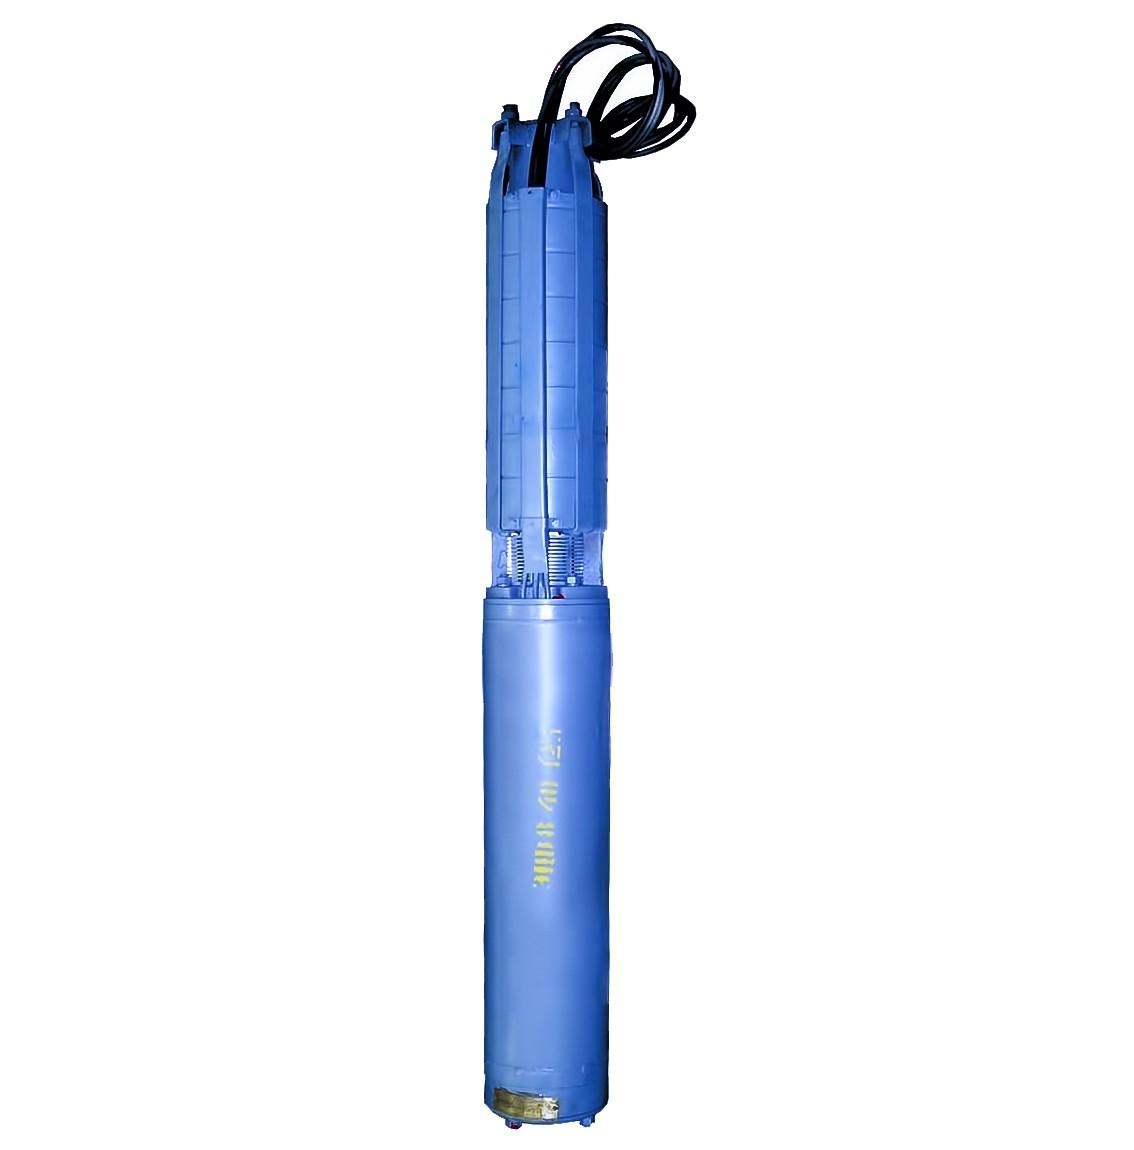 Погружной насос ЭЦВ 10-65-125 нрк